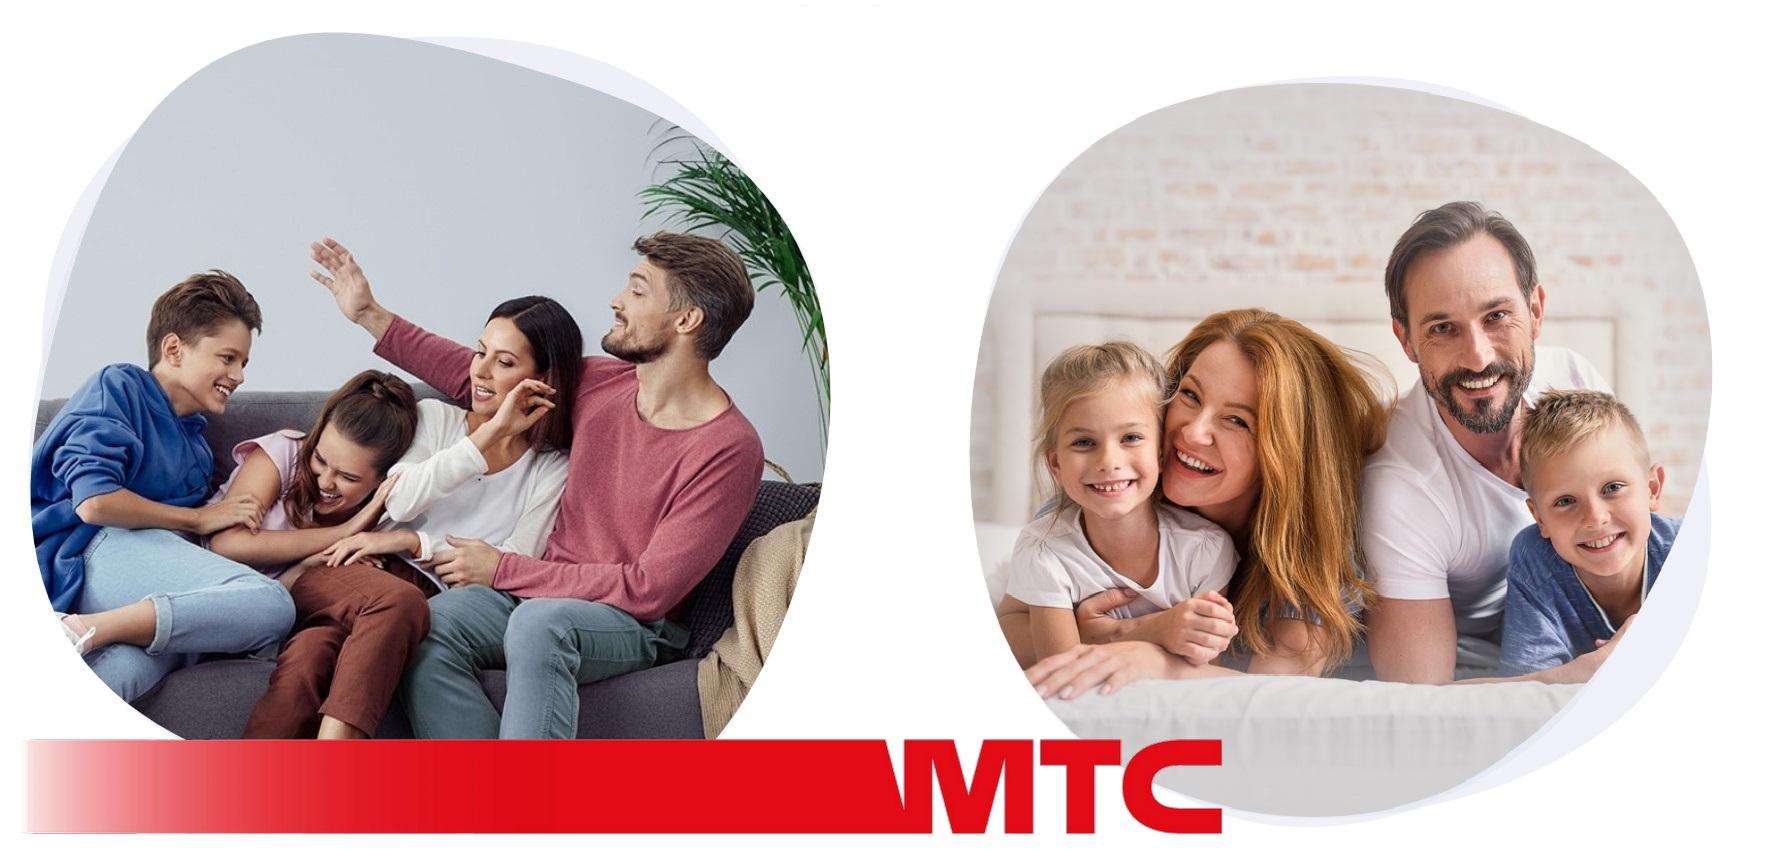 МТС обновил тариф «МЫ МТС» (+конкуренты) 1